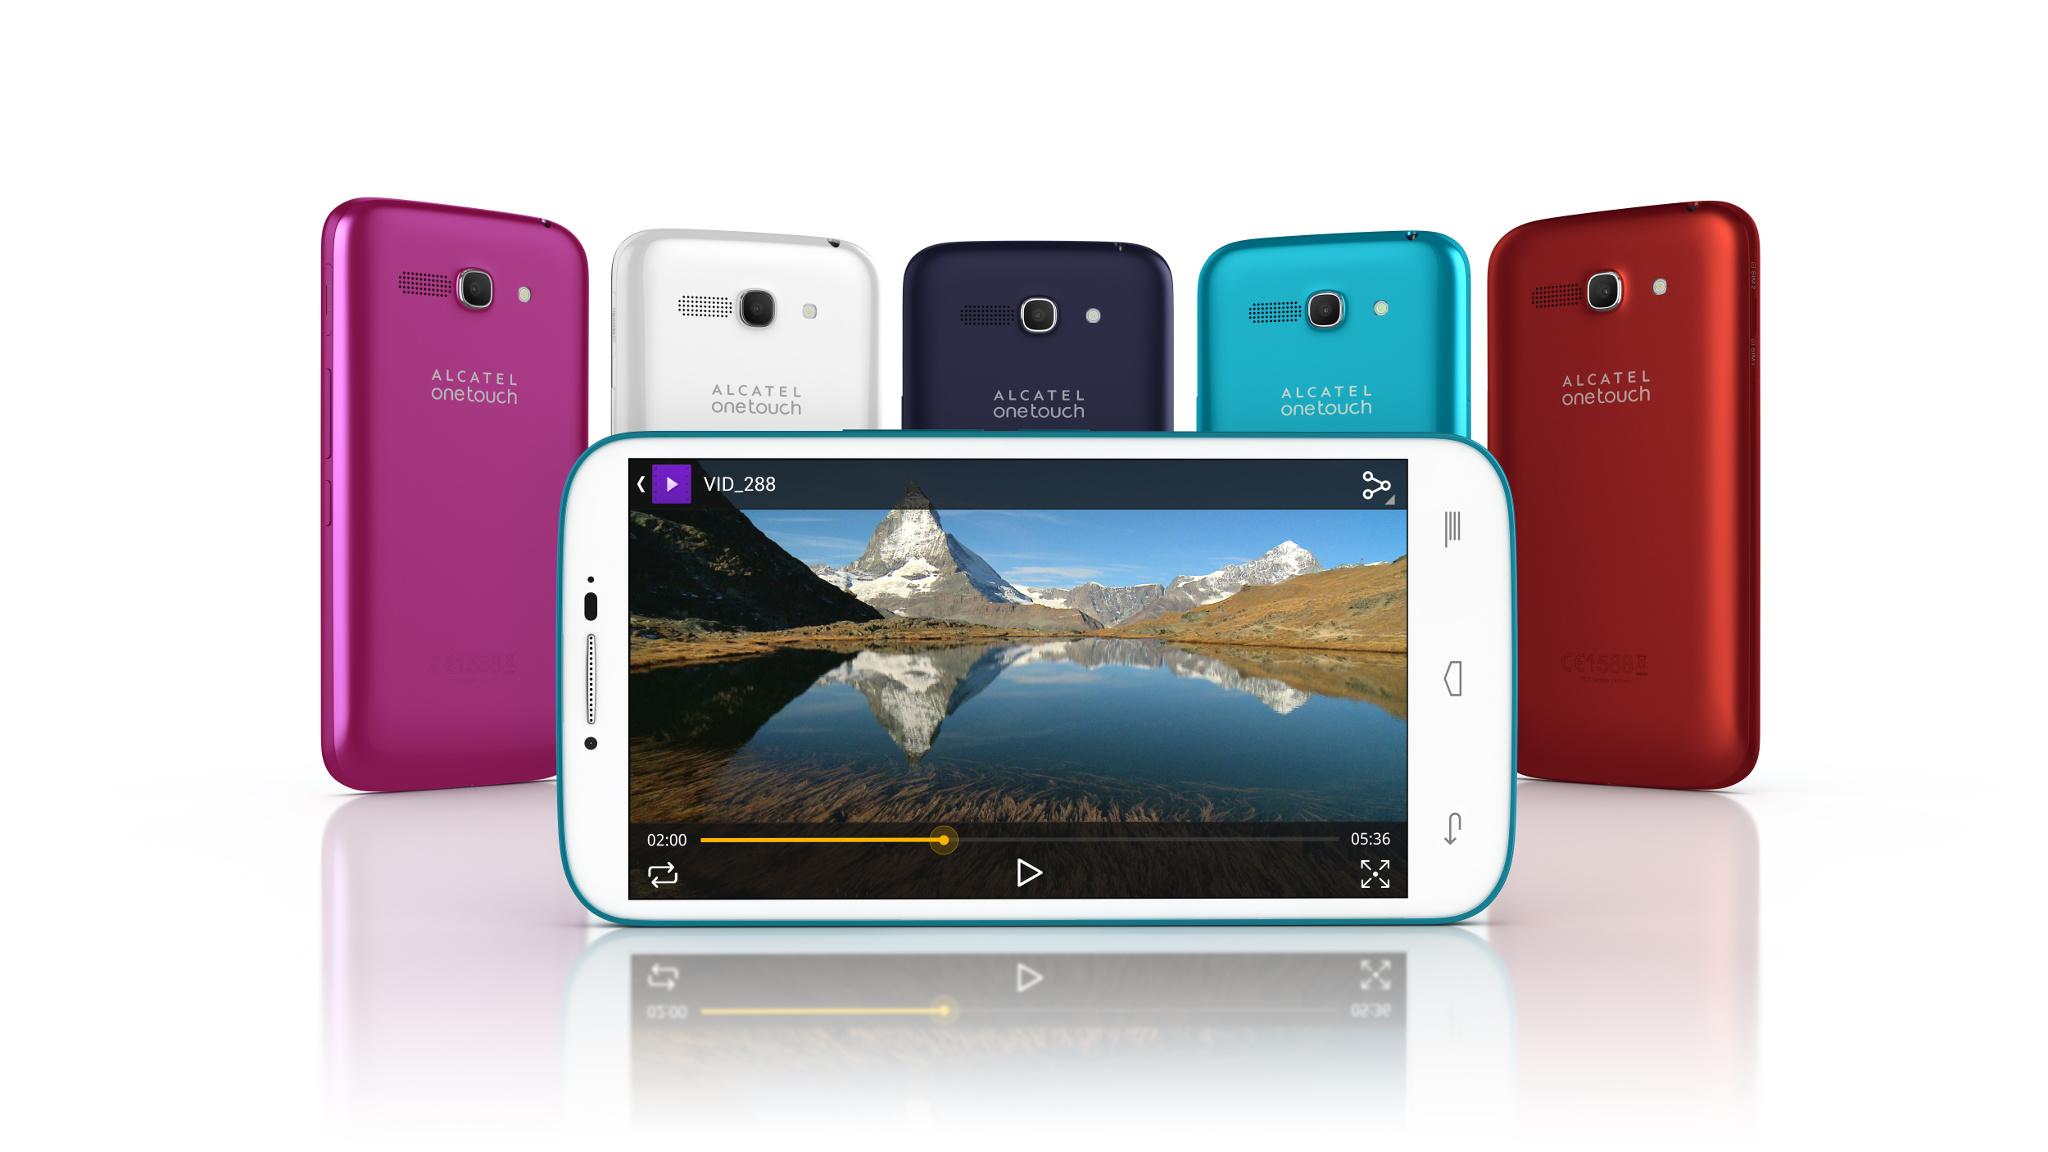 smartphone alcatel - Guida agli Smartphone Alcatel più apprezzati dai consumatori